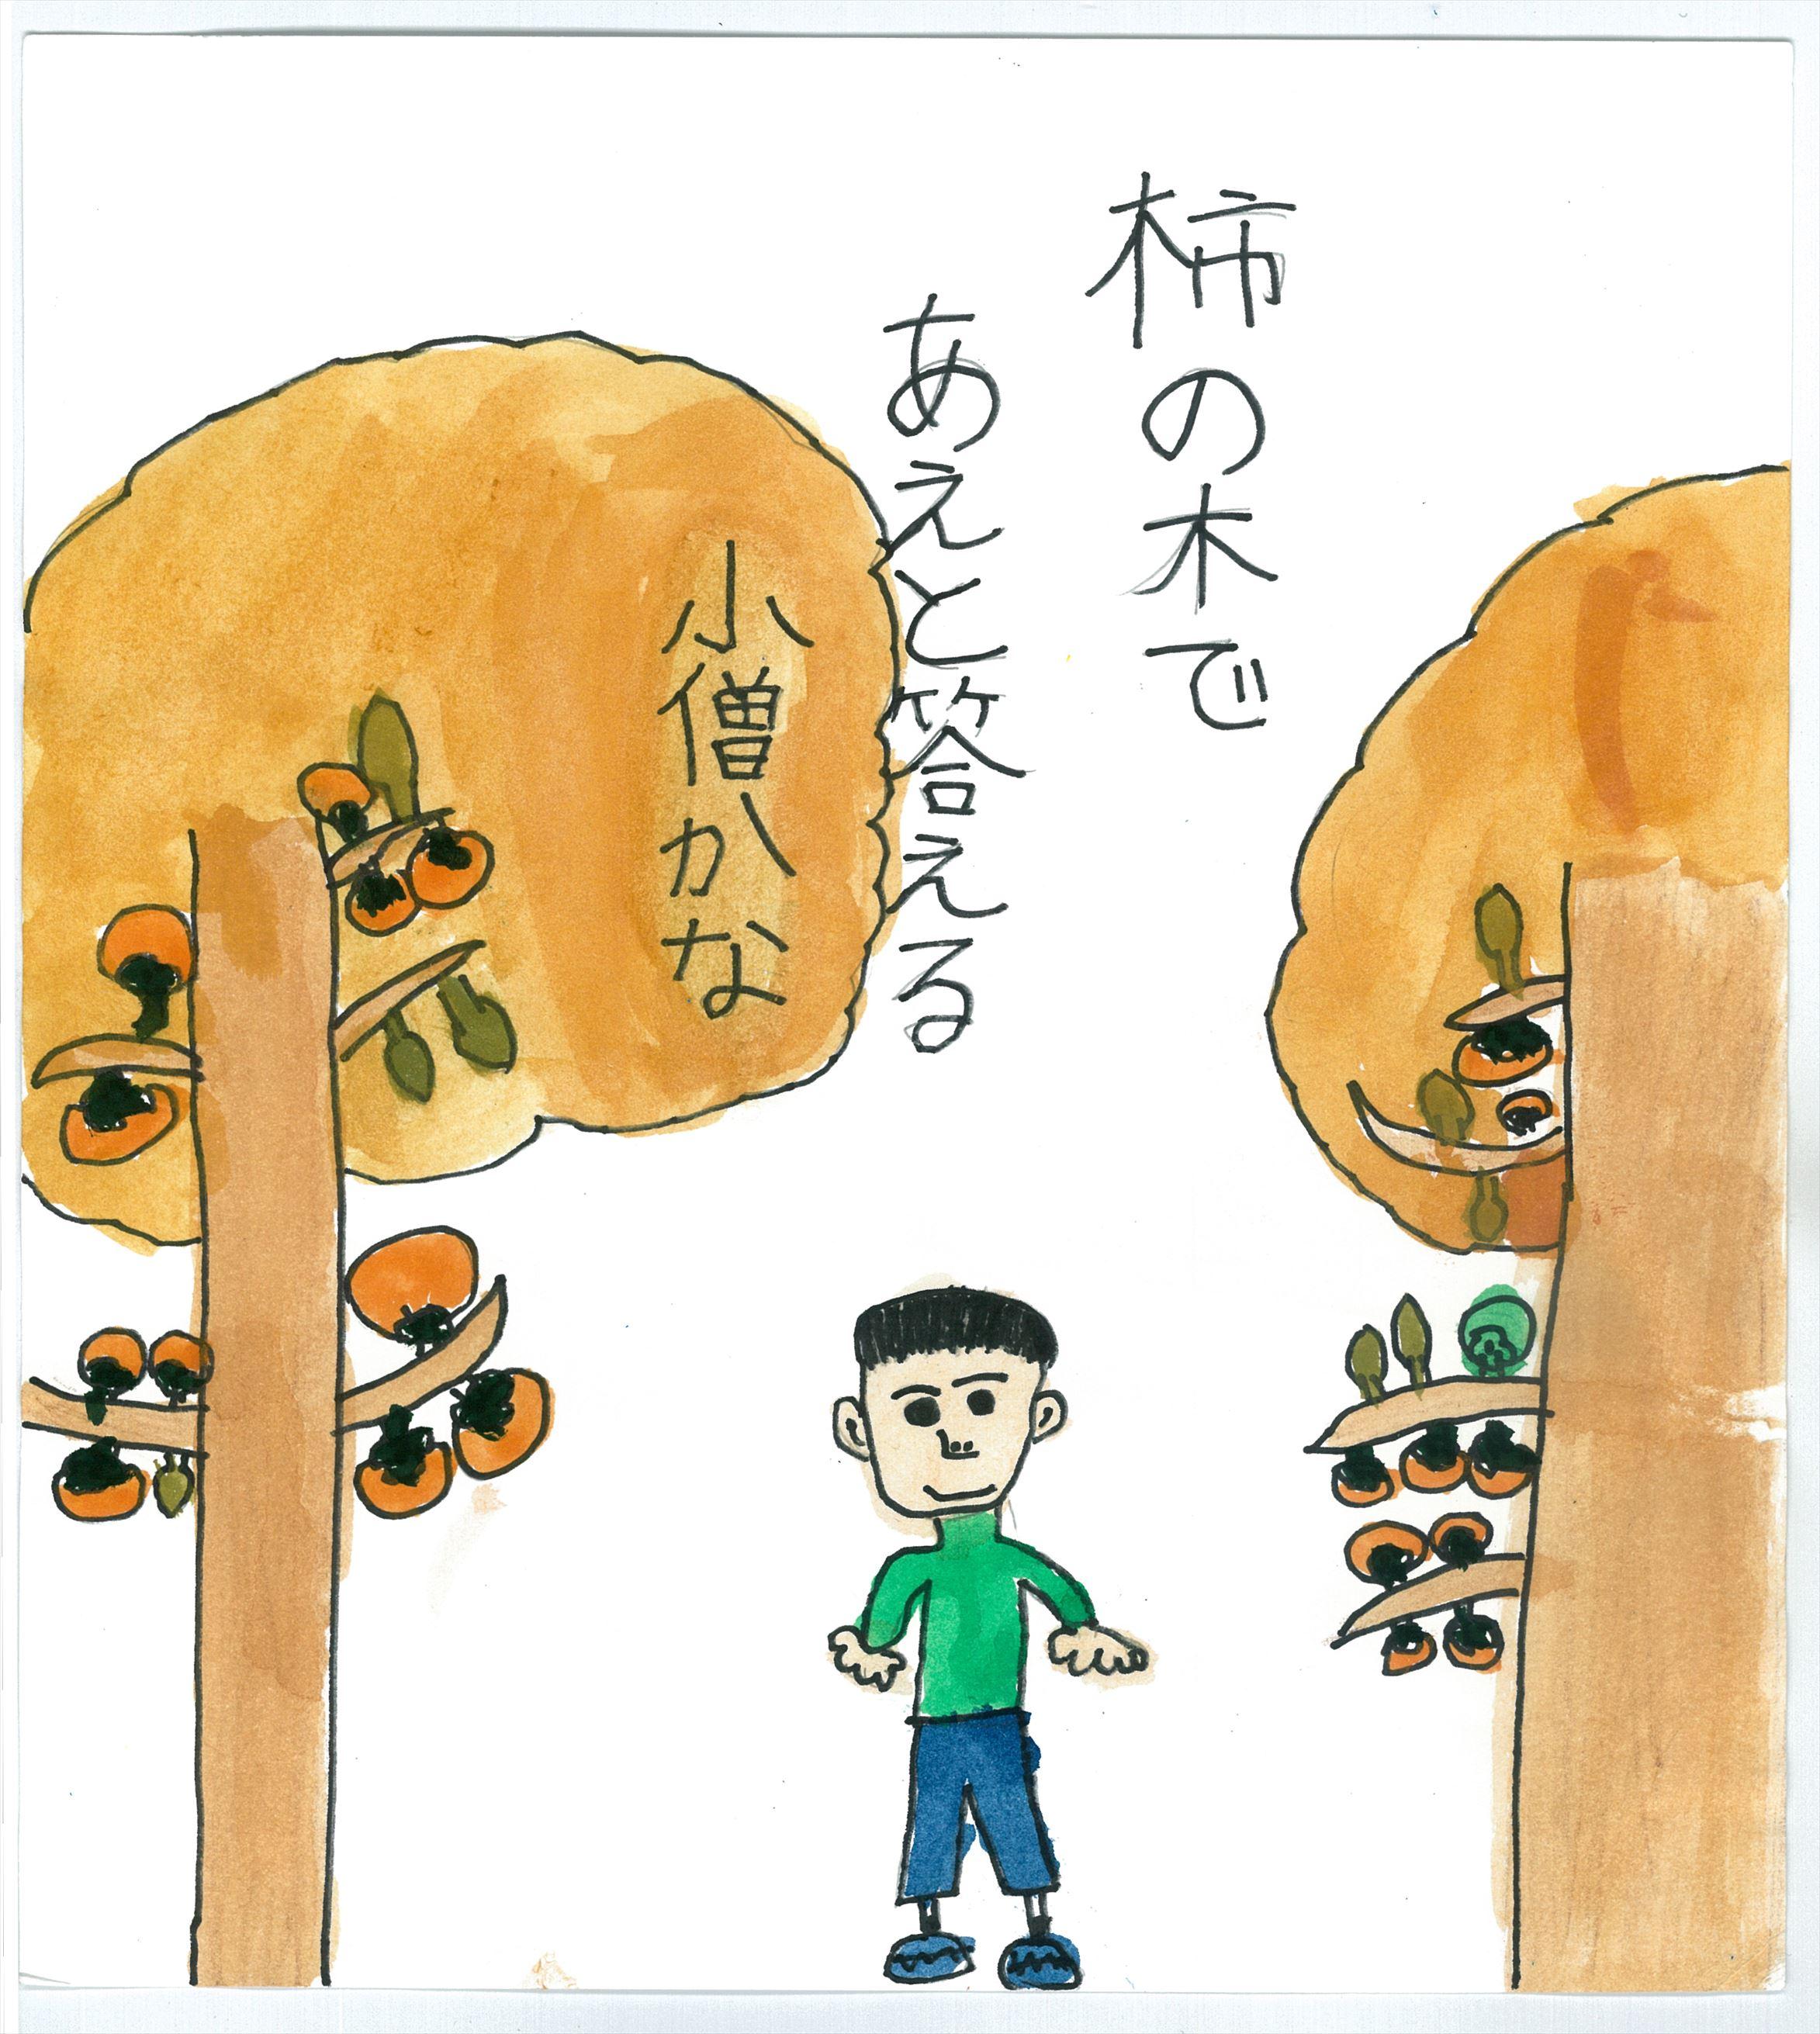 柿の木であえと答える小僧かな